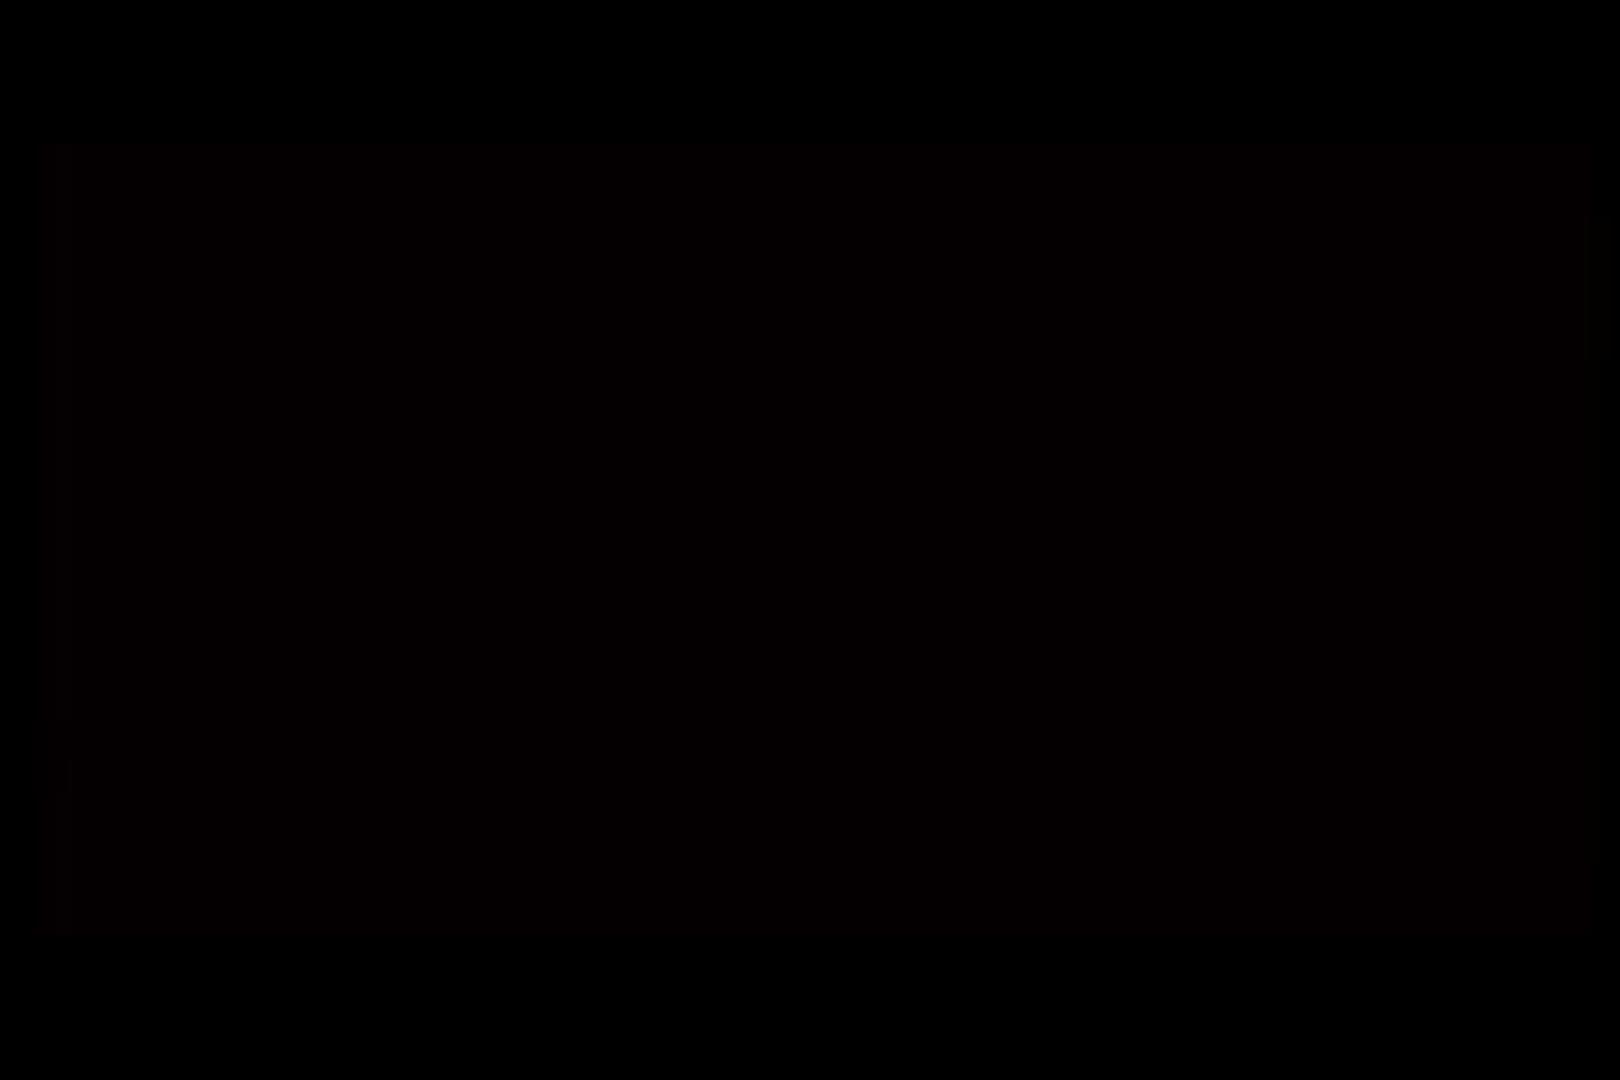 スジ筋ガチムチゴーグルマンvol2 オナニー アダルトビデオ画像キャプチャ 73枚 26